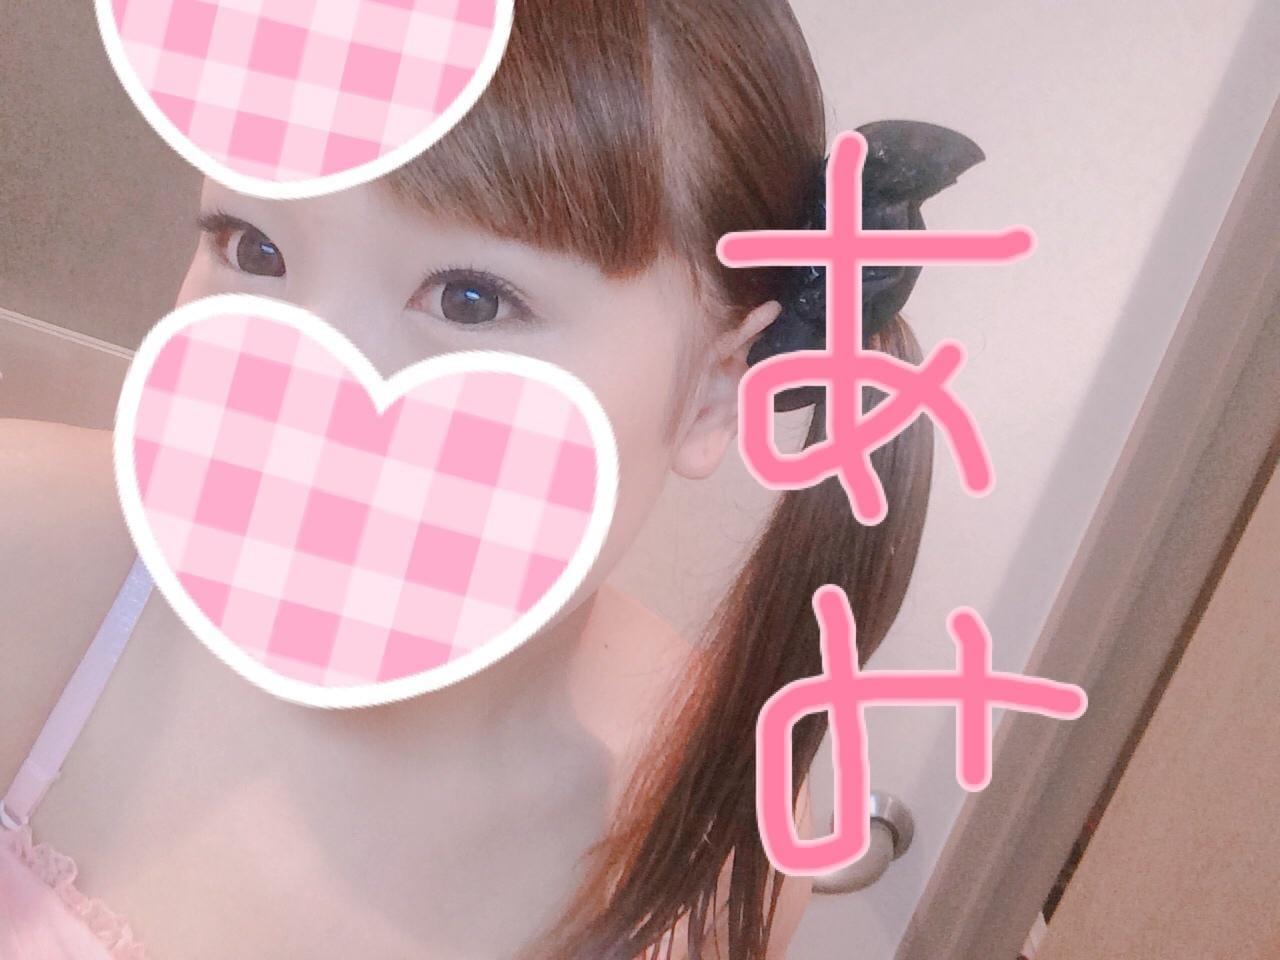 https://s3-ap-northeast-1.amazonaws.com/files.fuzoku.jp/img/shop/hkibun/diary/32281322/d_0_20180921111702116.jpeg